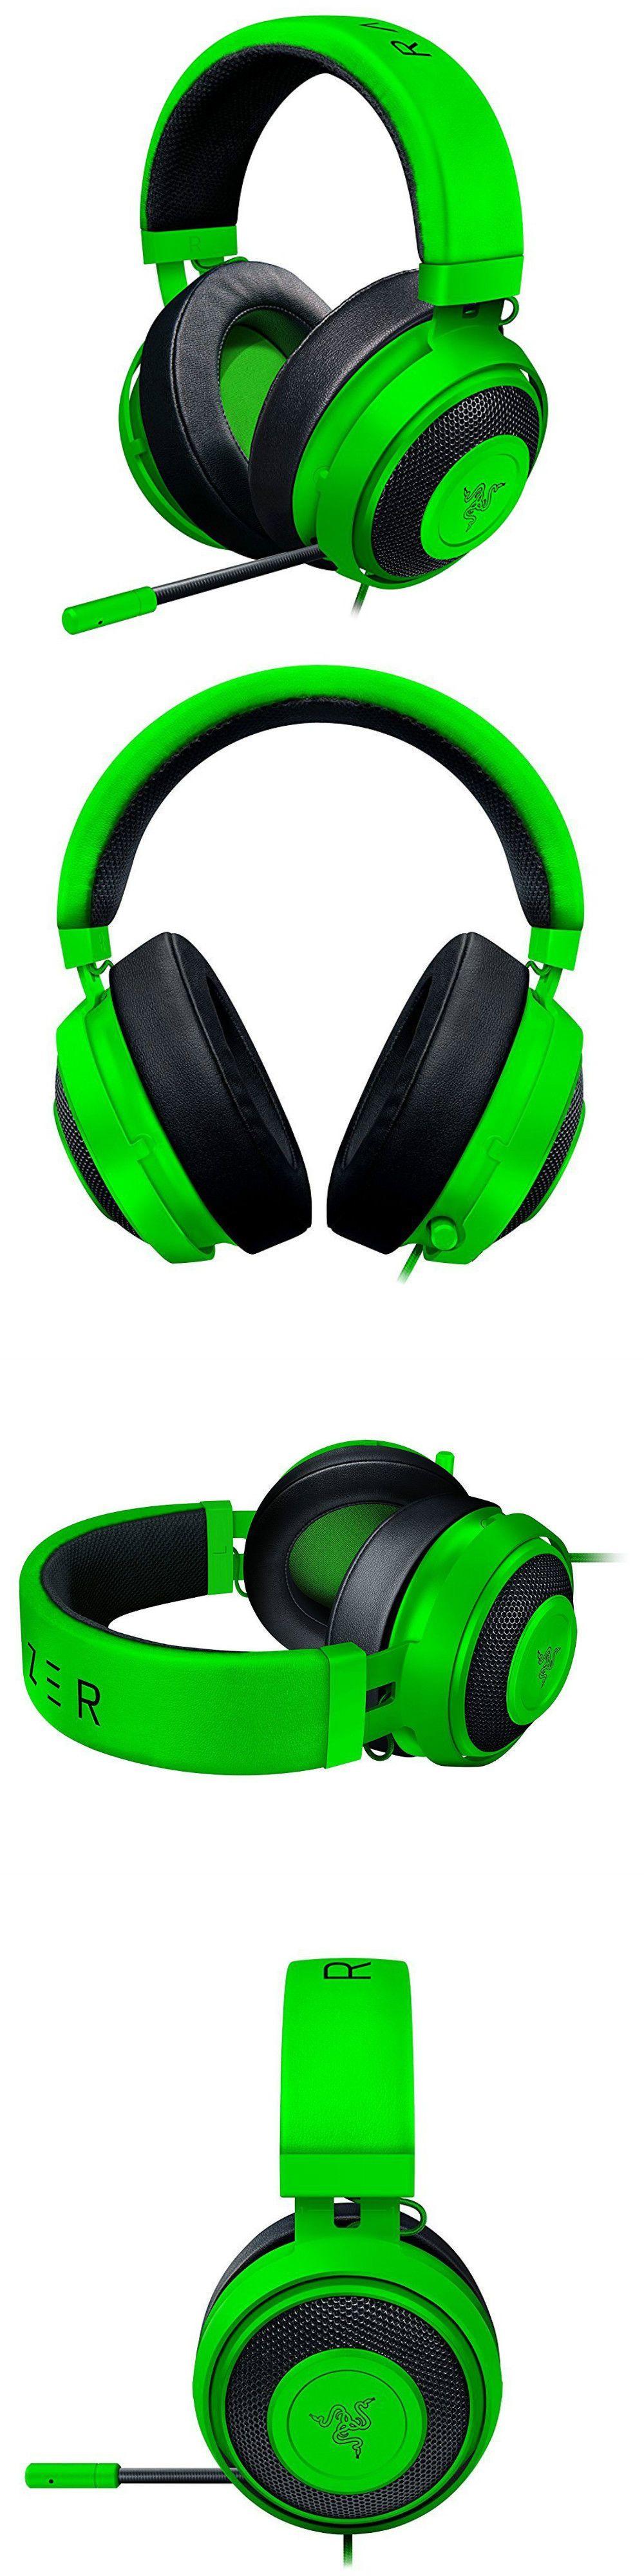 Razer Kraken Pro V2 Analog Gaming Headset For Pc Xbox One Ps4 Green Black Headsets 80183